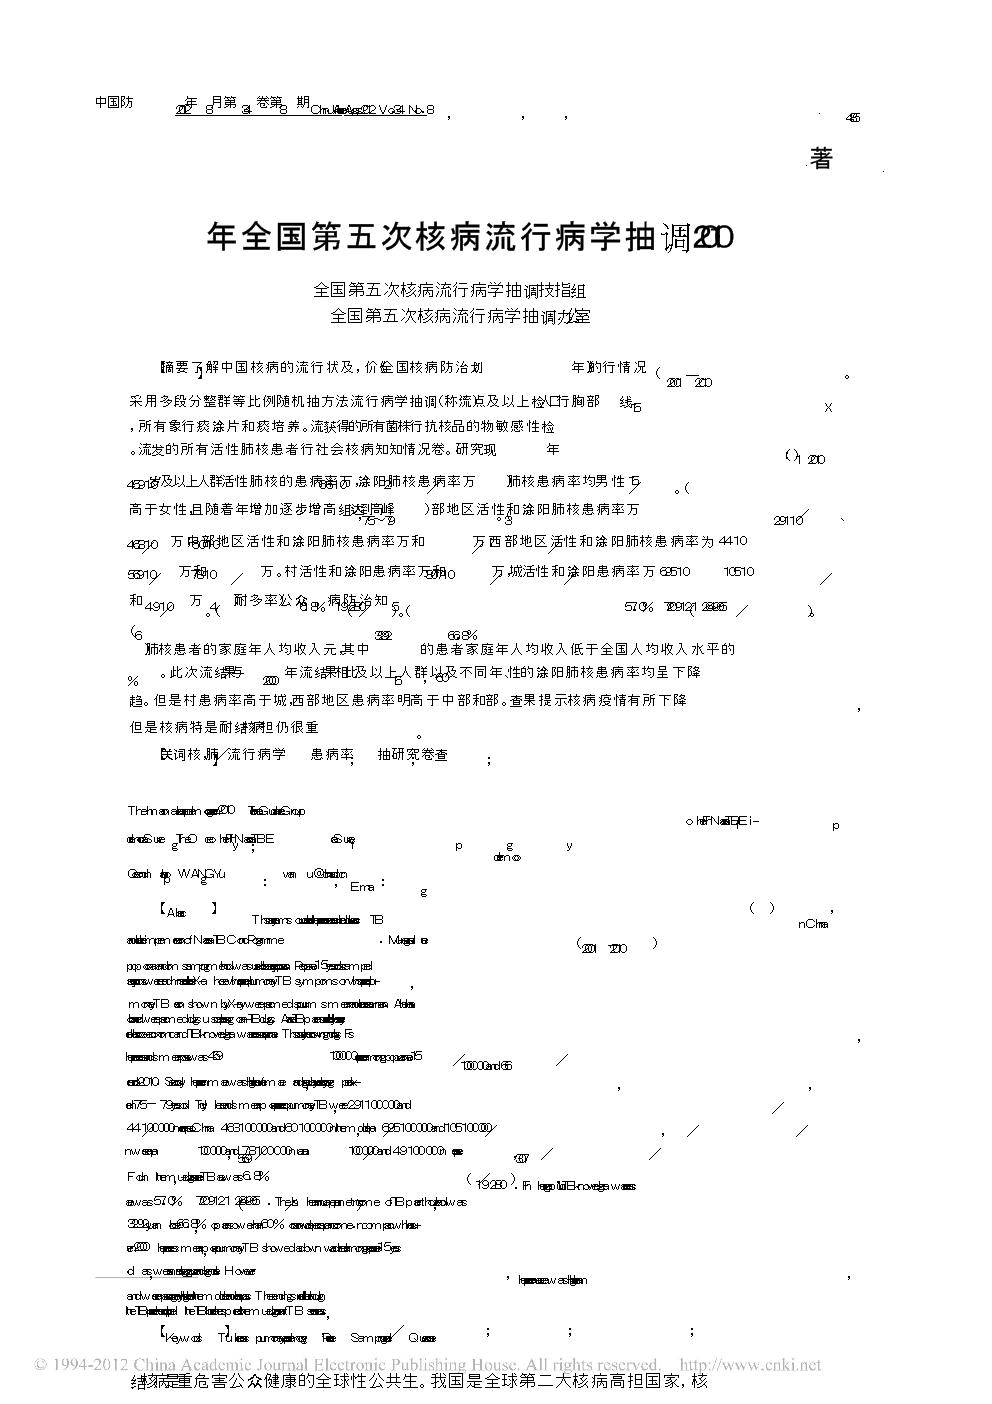 2010年全国第五次结核病流行病学抽样调查报告.doc